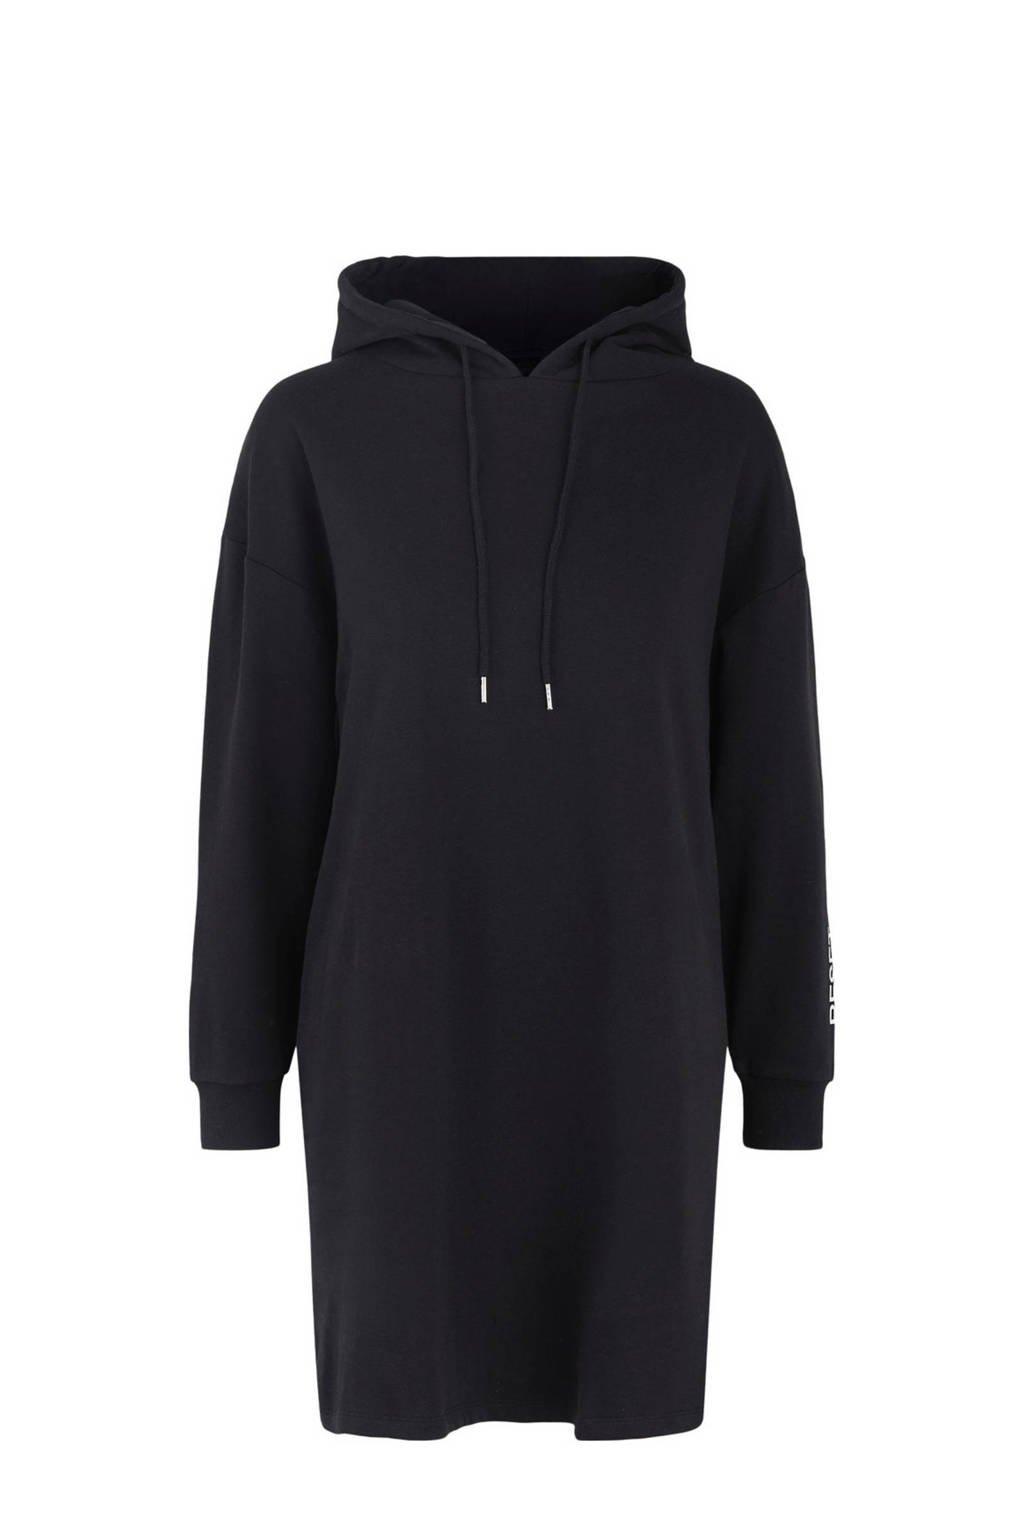 PIECES jurk PCCHILLI zwart, Zwart